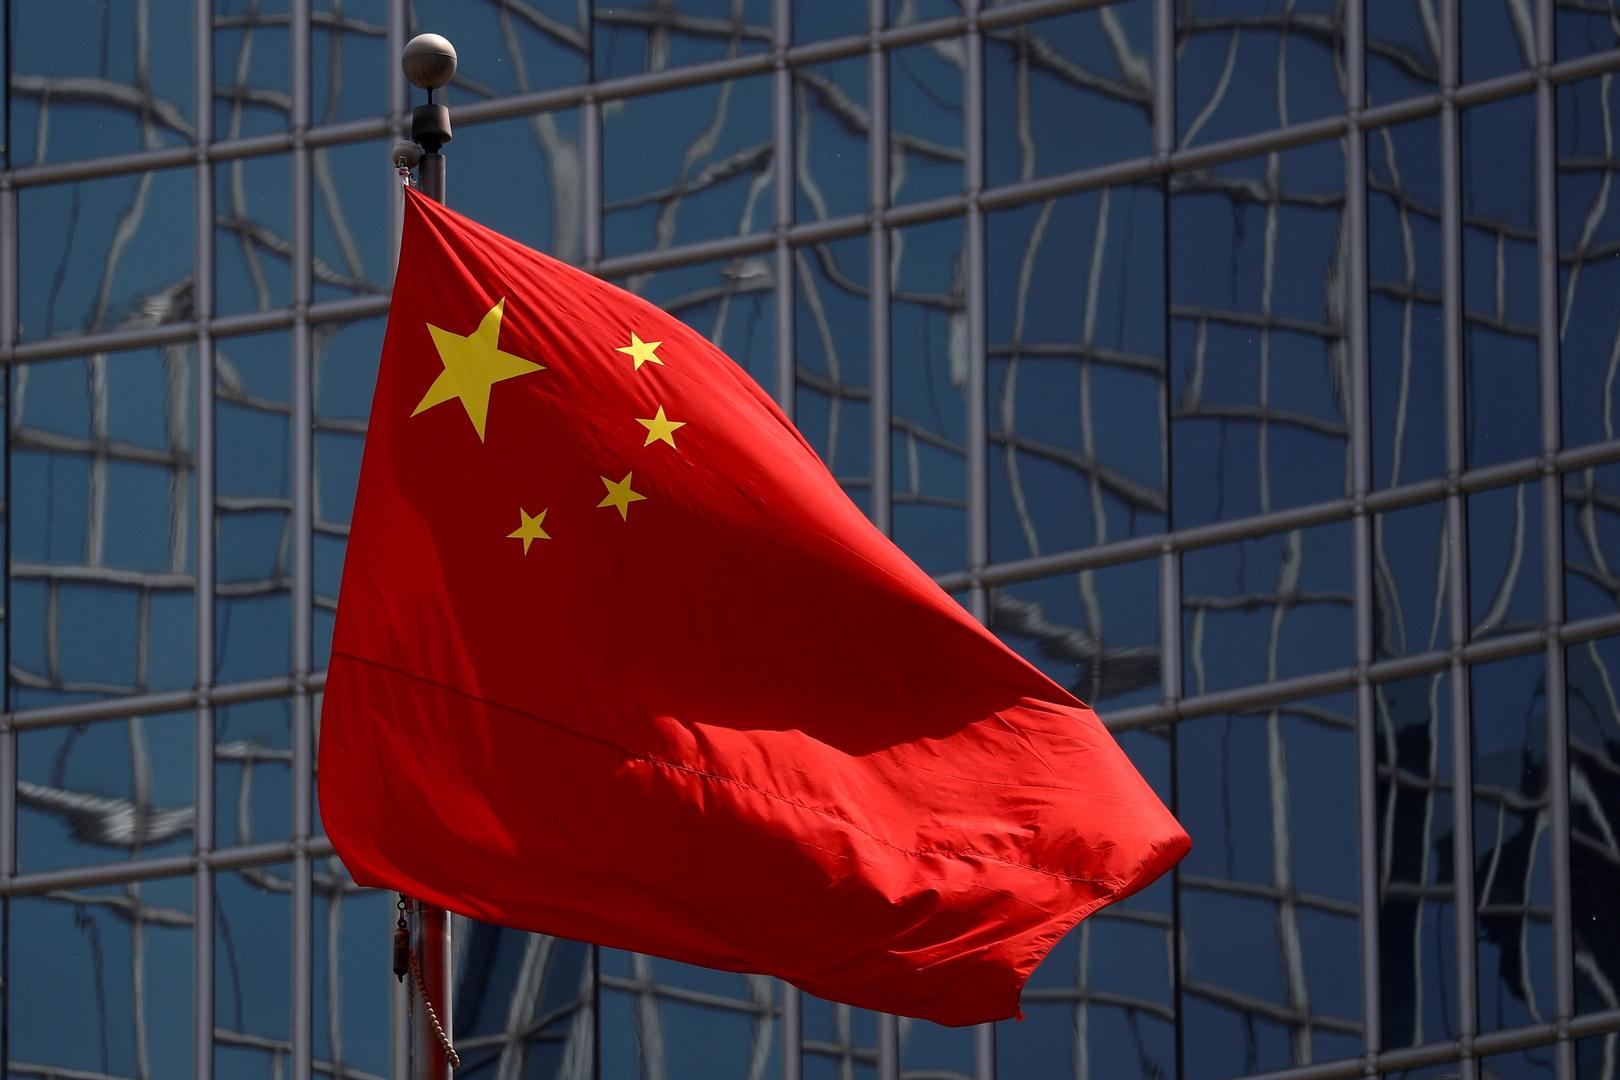 الصين ترفض الاتهامات الموجهة للسعودية تحت راية حقوق الإنسان